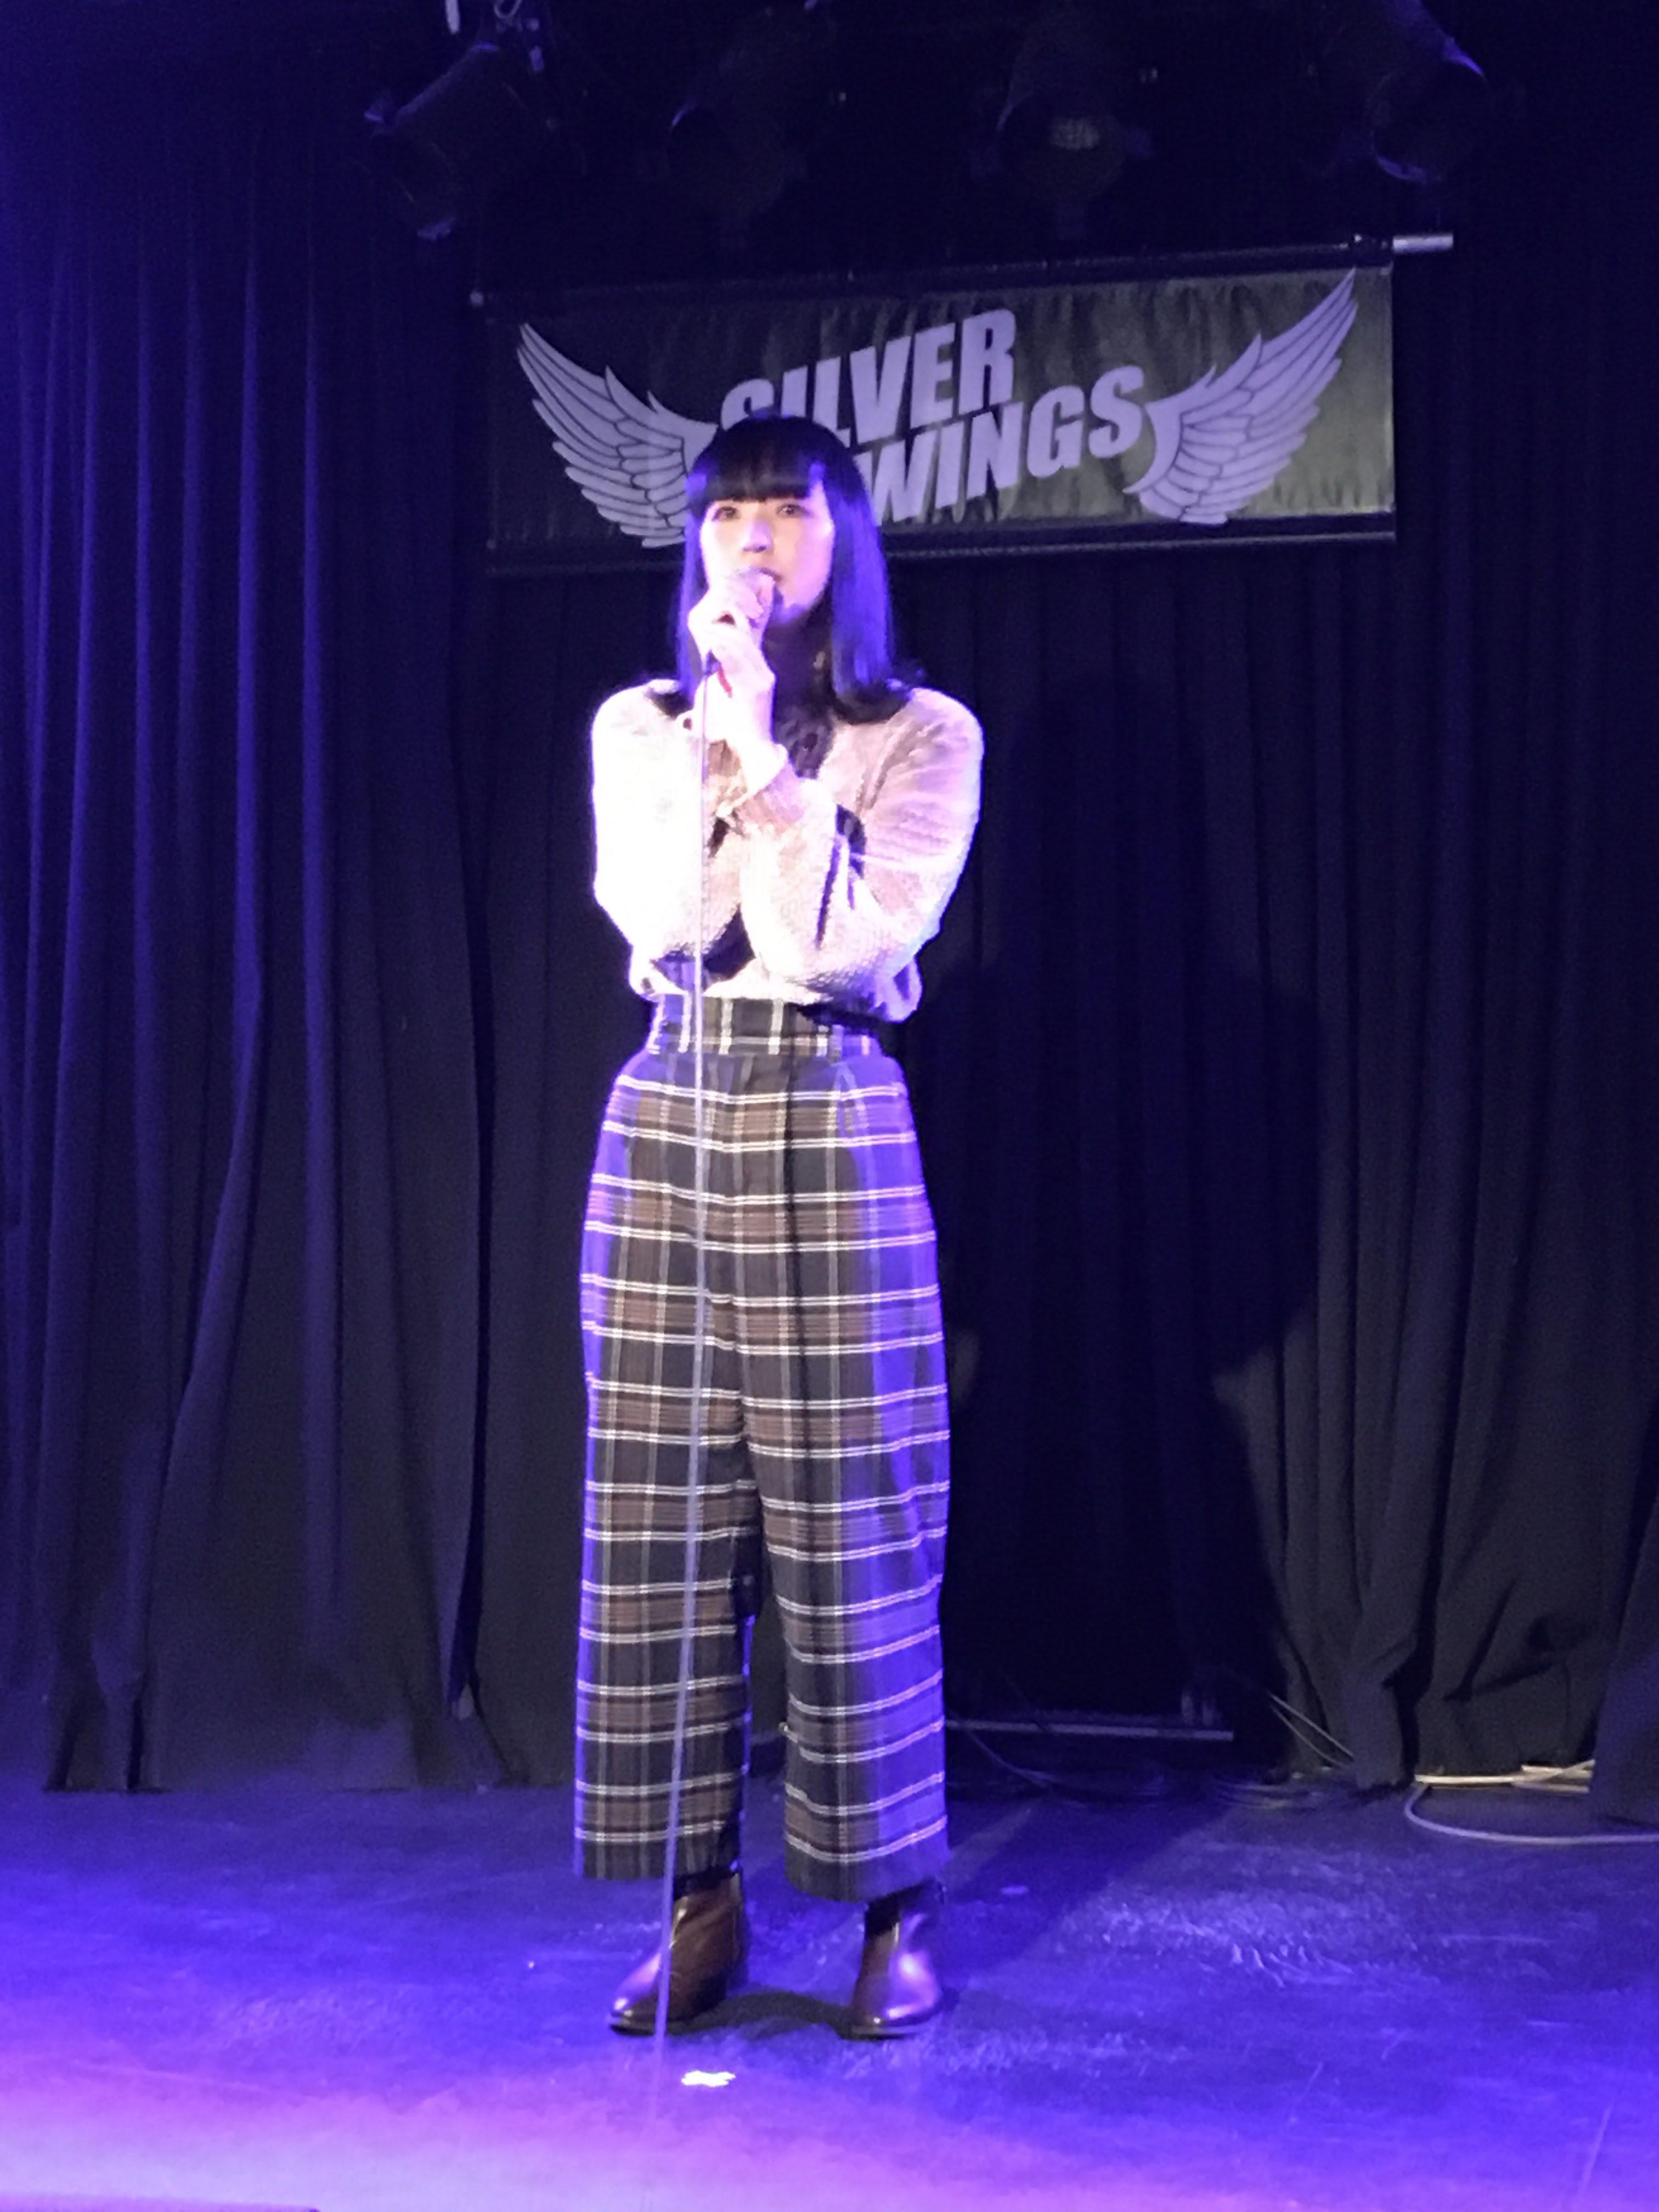 璃乃ちゃんBeatWave初登場!一生懸命歌い上げます。